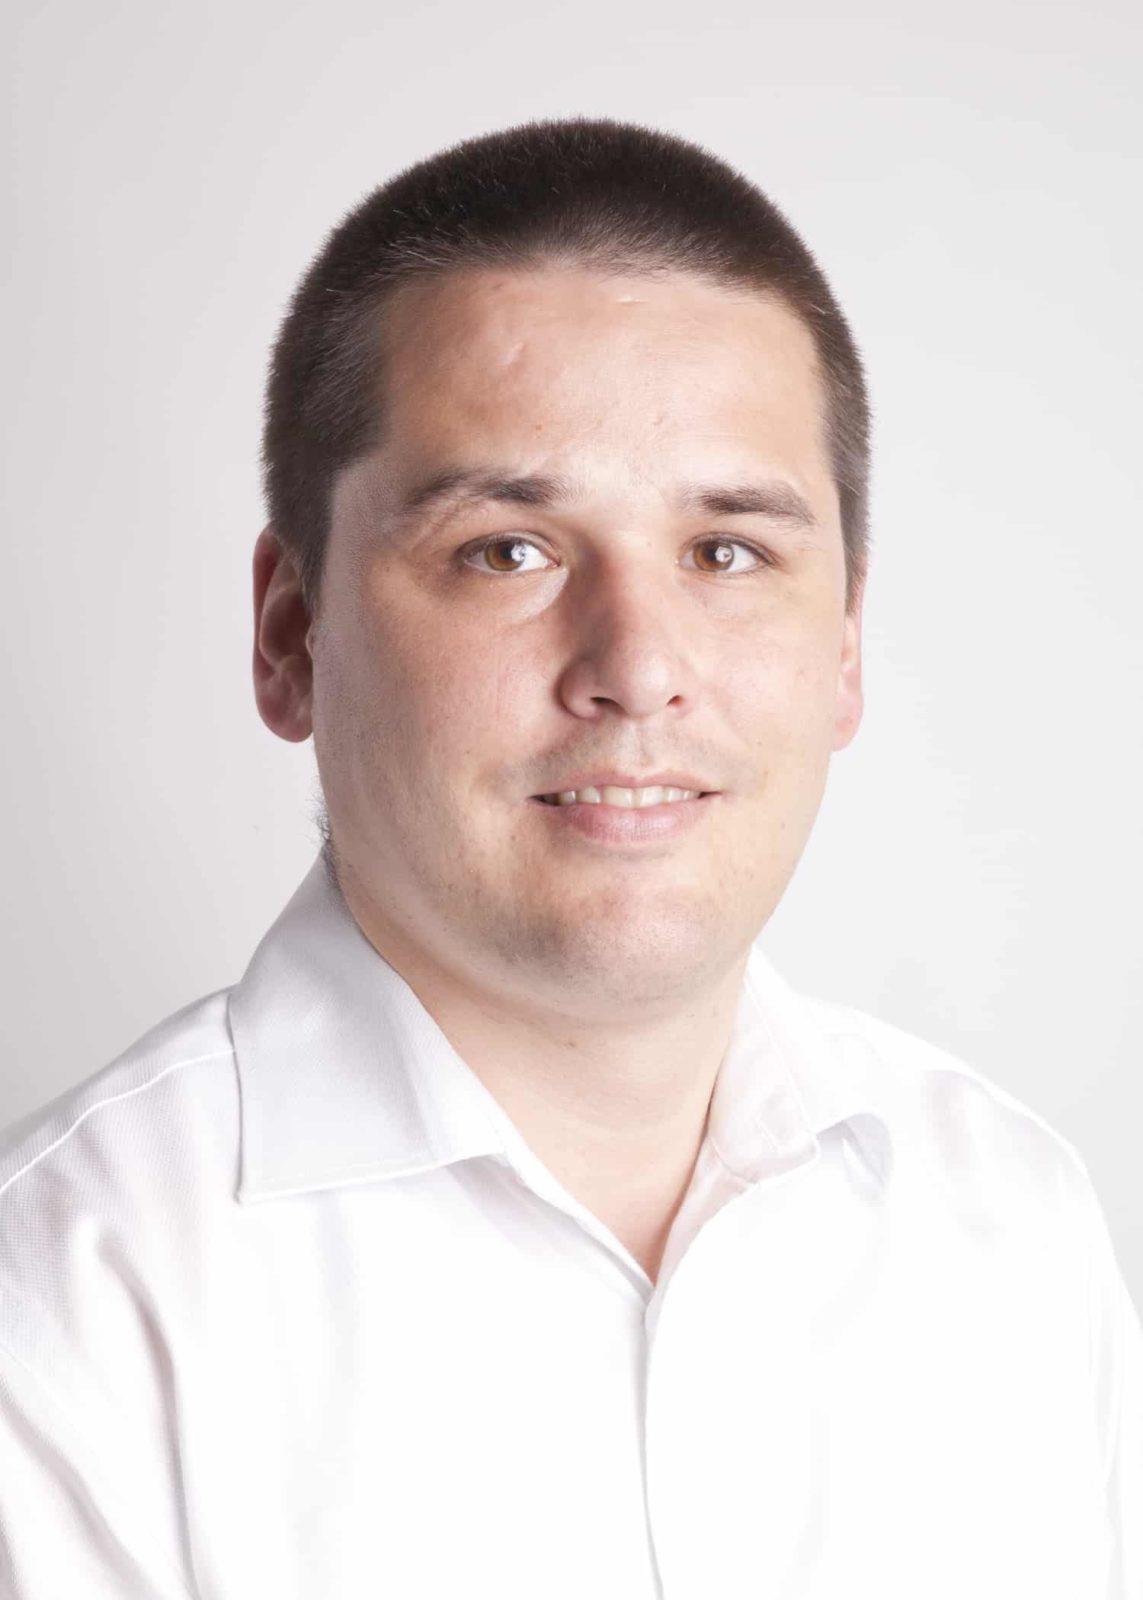 David Hablützel